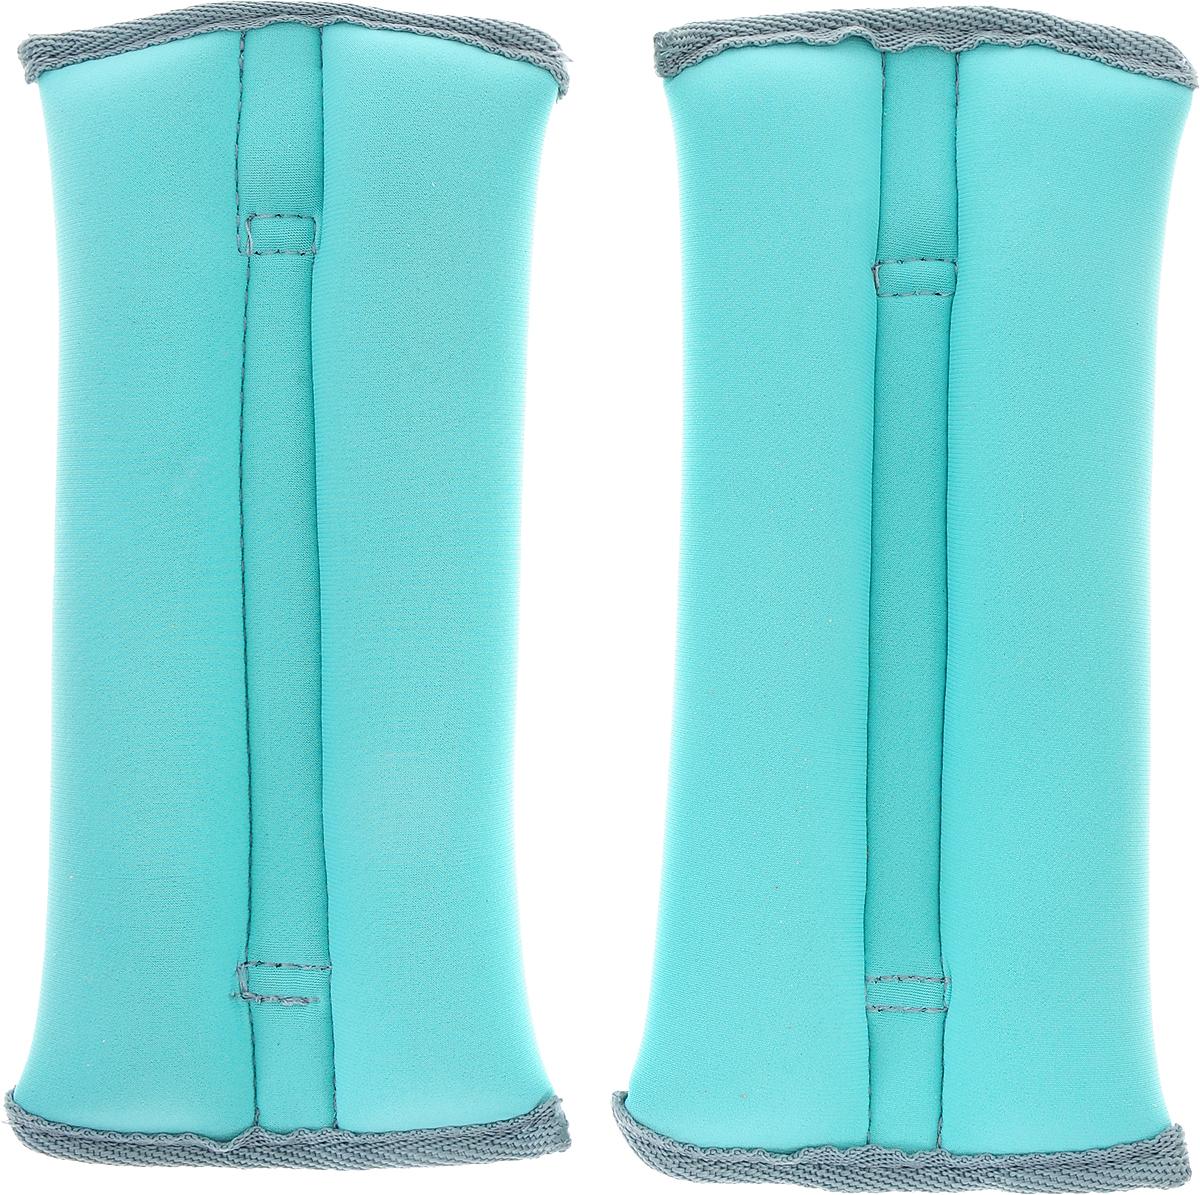 Утяжелитель спортивный Indigo Неопреновые, цвет: мятный, 0,5 кг, 2 шт утяжелитель браслет для рук и ног indigo цвет красный 0 2 кг 2 шт